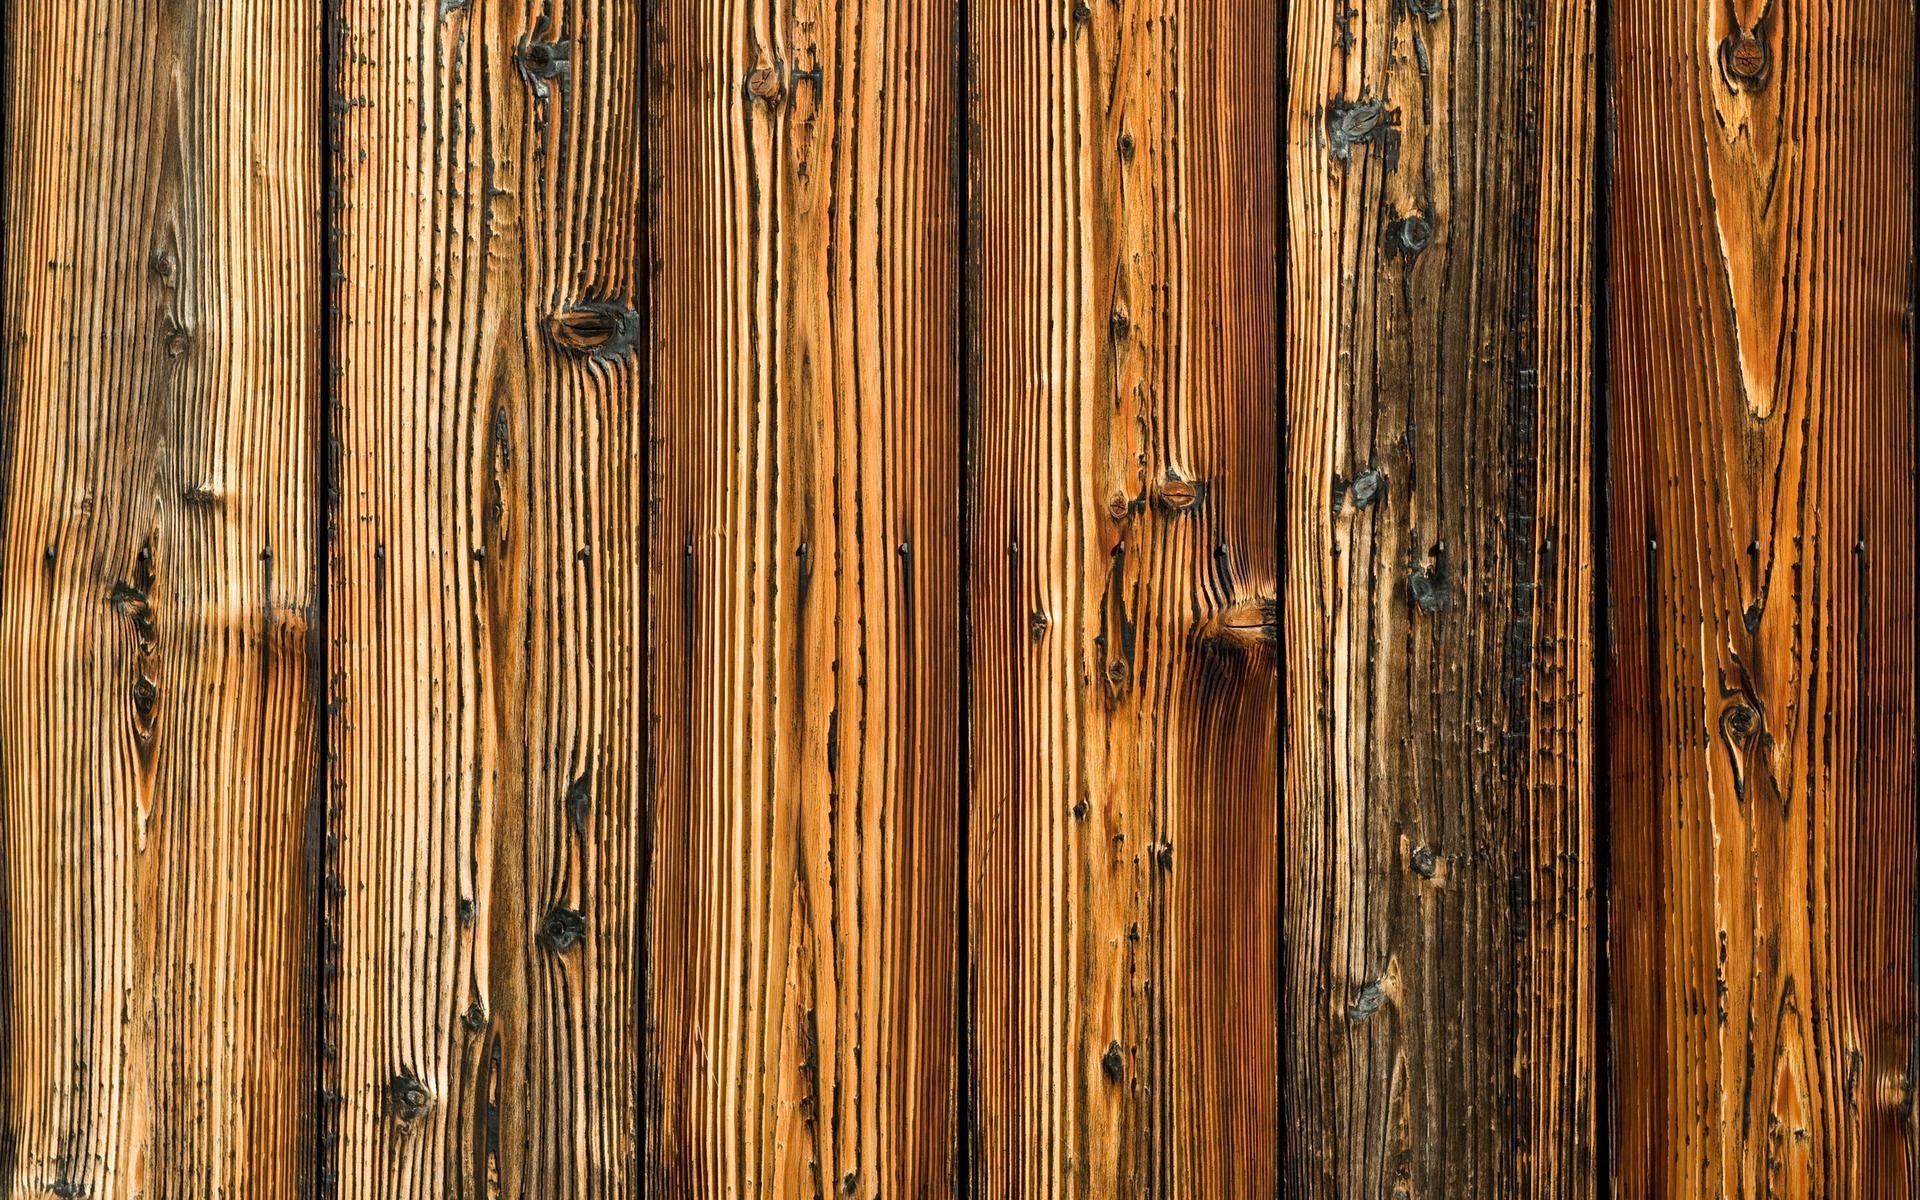 fond d ecran gratuits meubles en bois